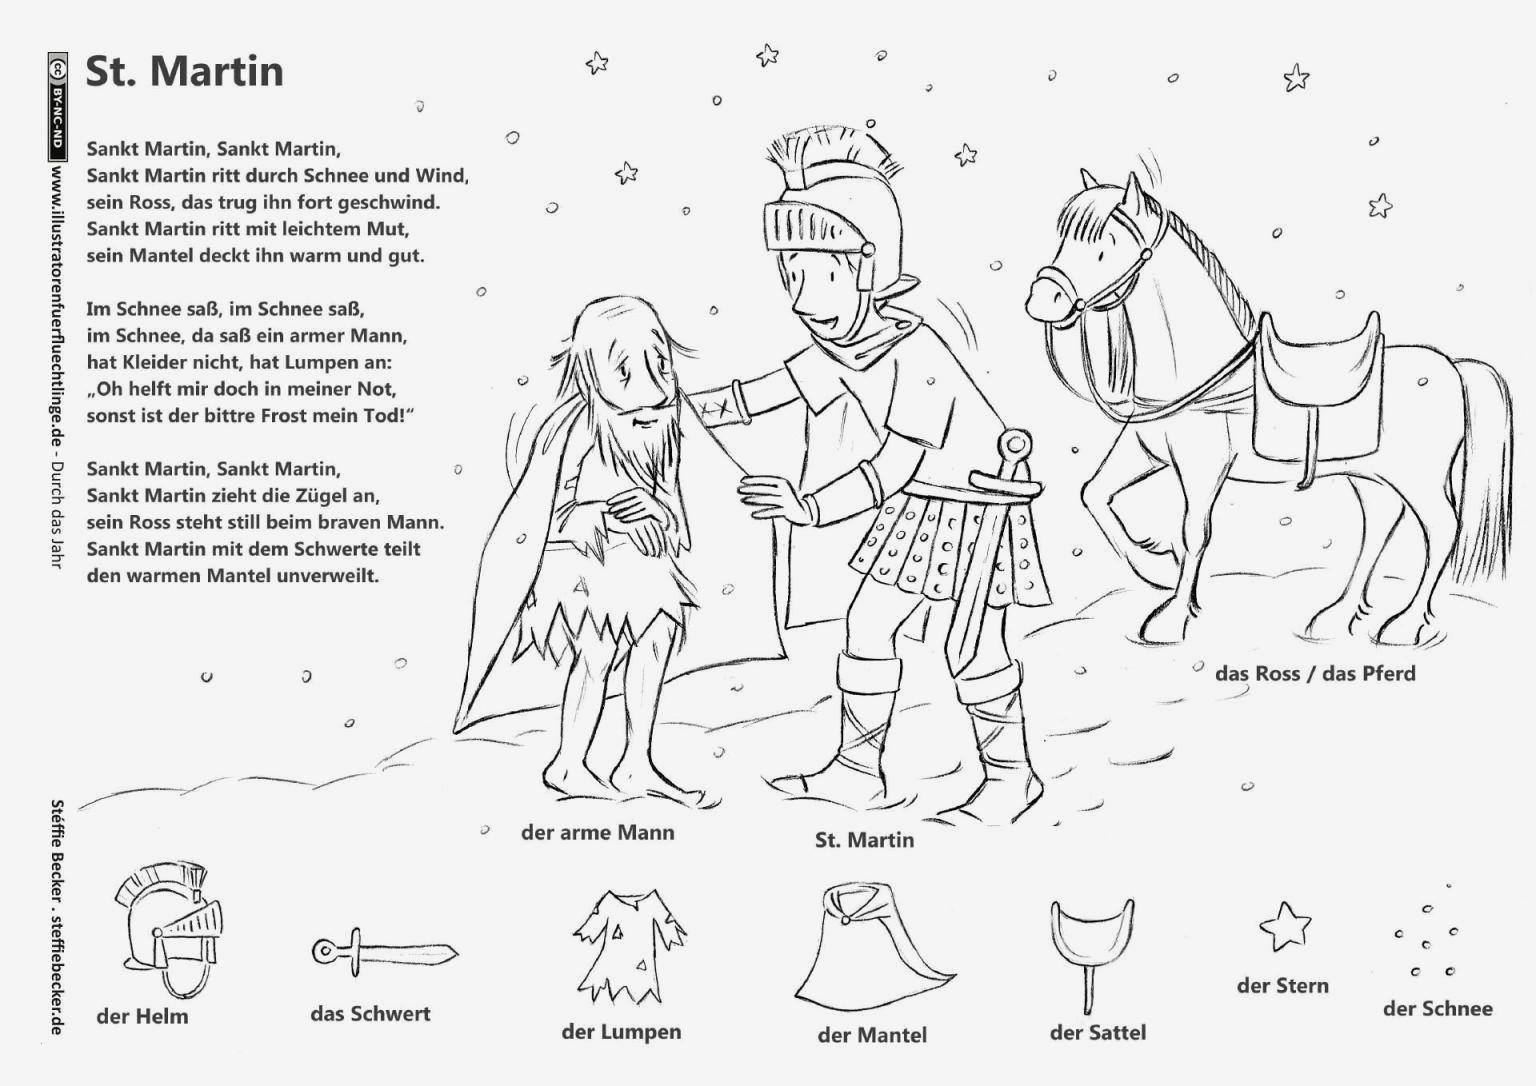 Disney Weihnachtsbilder Ausmalen Frisch Malvorlagen Disney Kostenlos Verschiedene Bilder Färben Bayern Fotos